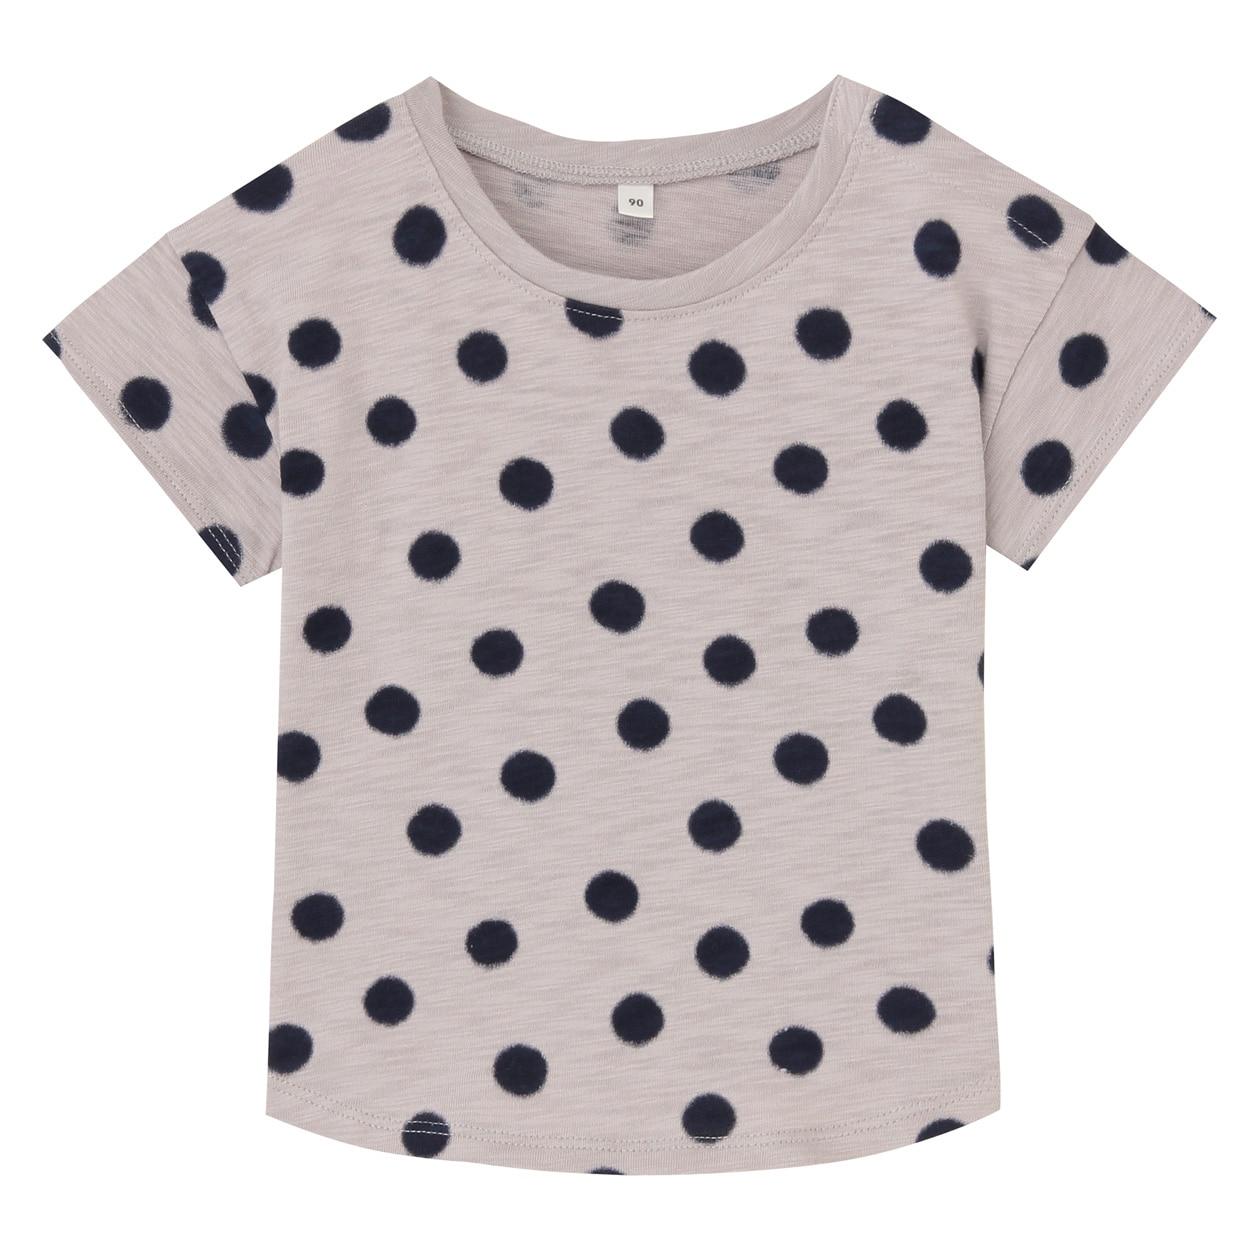 毎日のこども服オーガニックコットンムラ糸水玉半袖Tシャツ(ベビー)